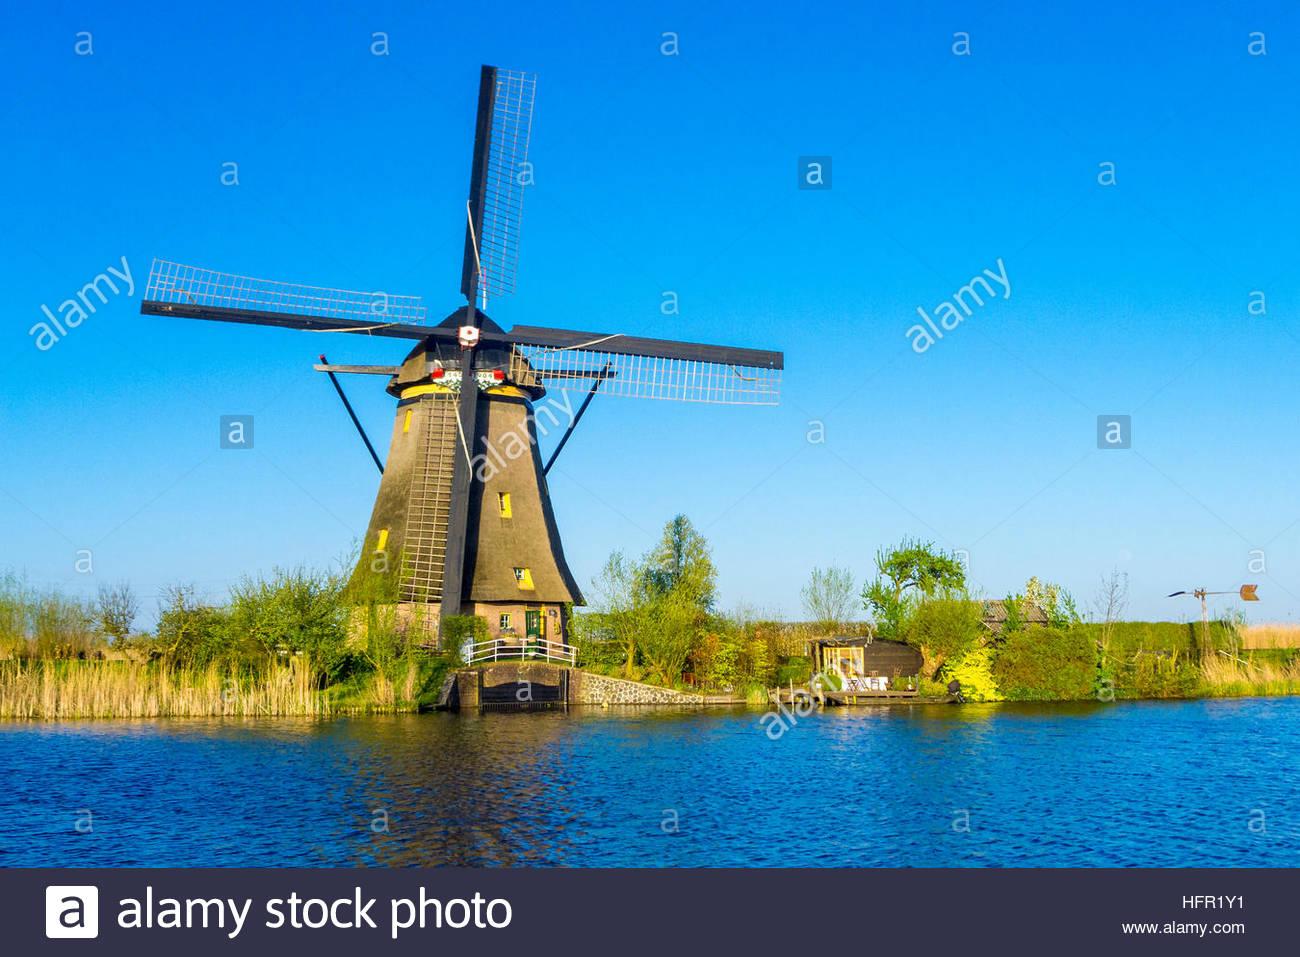 Pays Bas, Hollande-du-Sud, Kinderdijk. Moulins à vent hollandais historique sur les polders, UNESCO World Heritage Banque D'Images